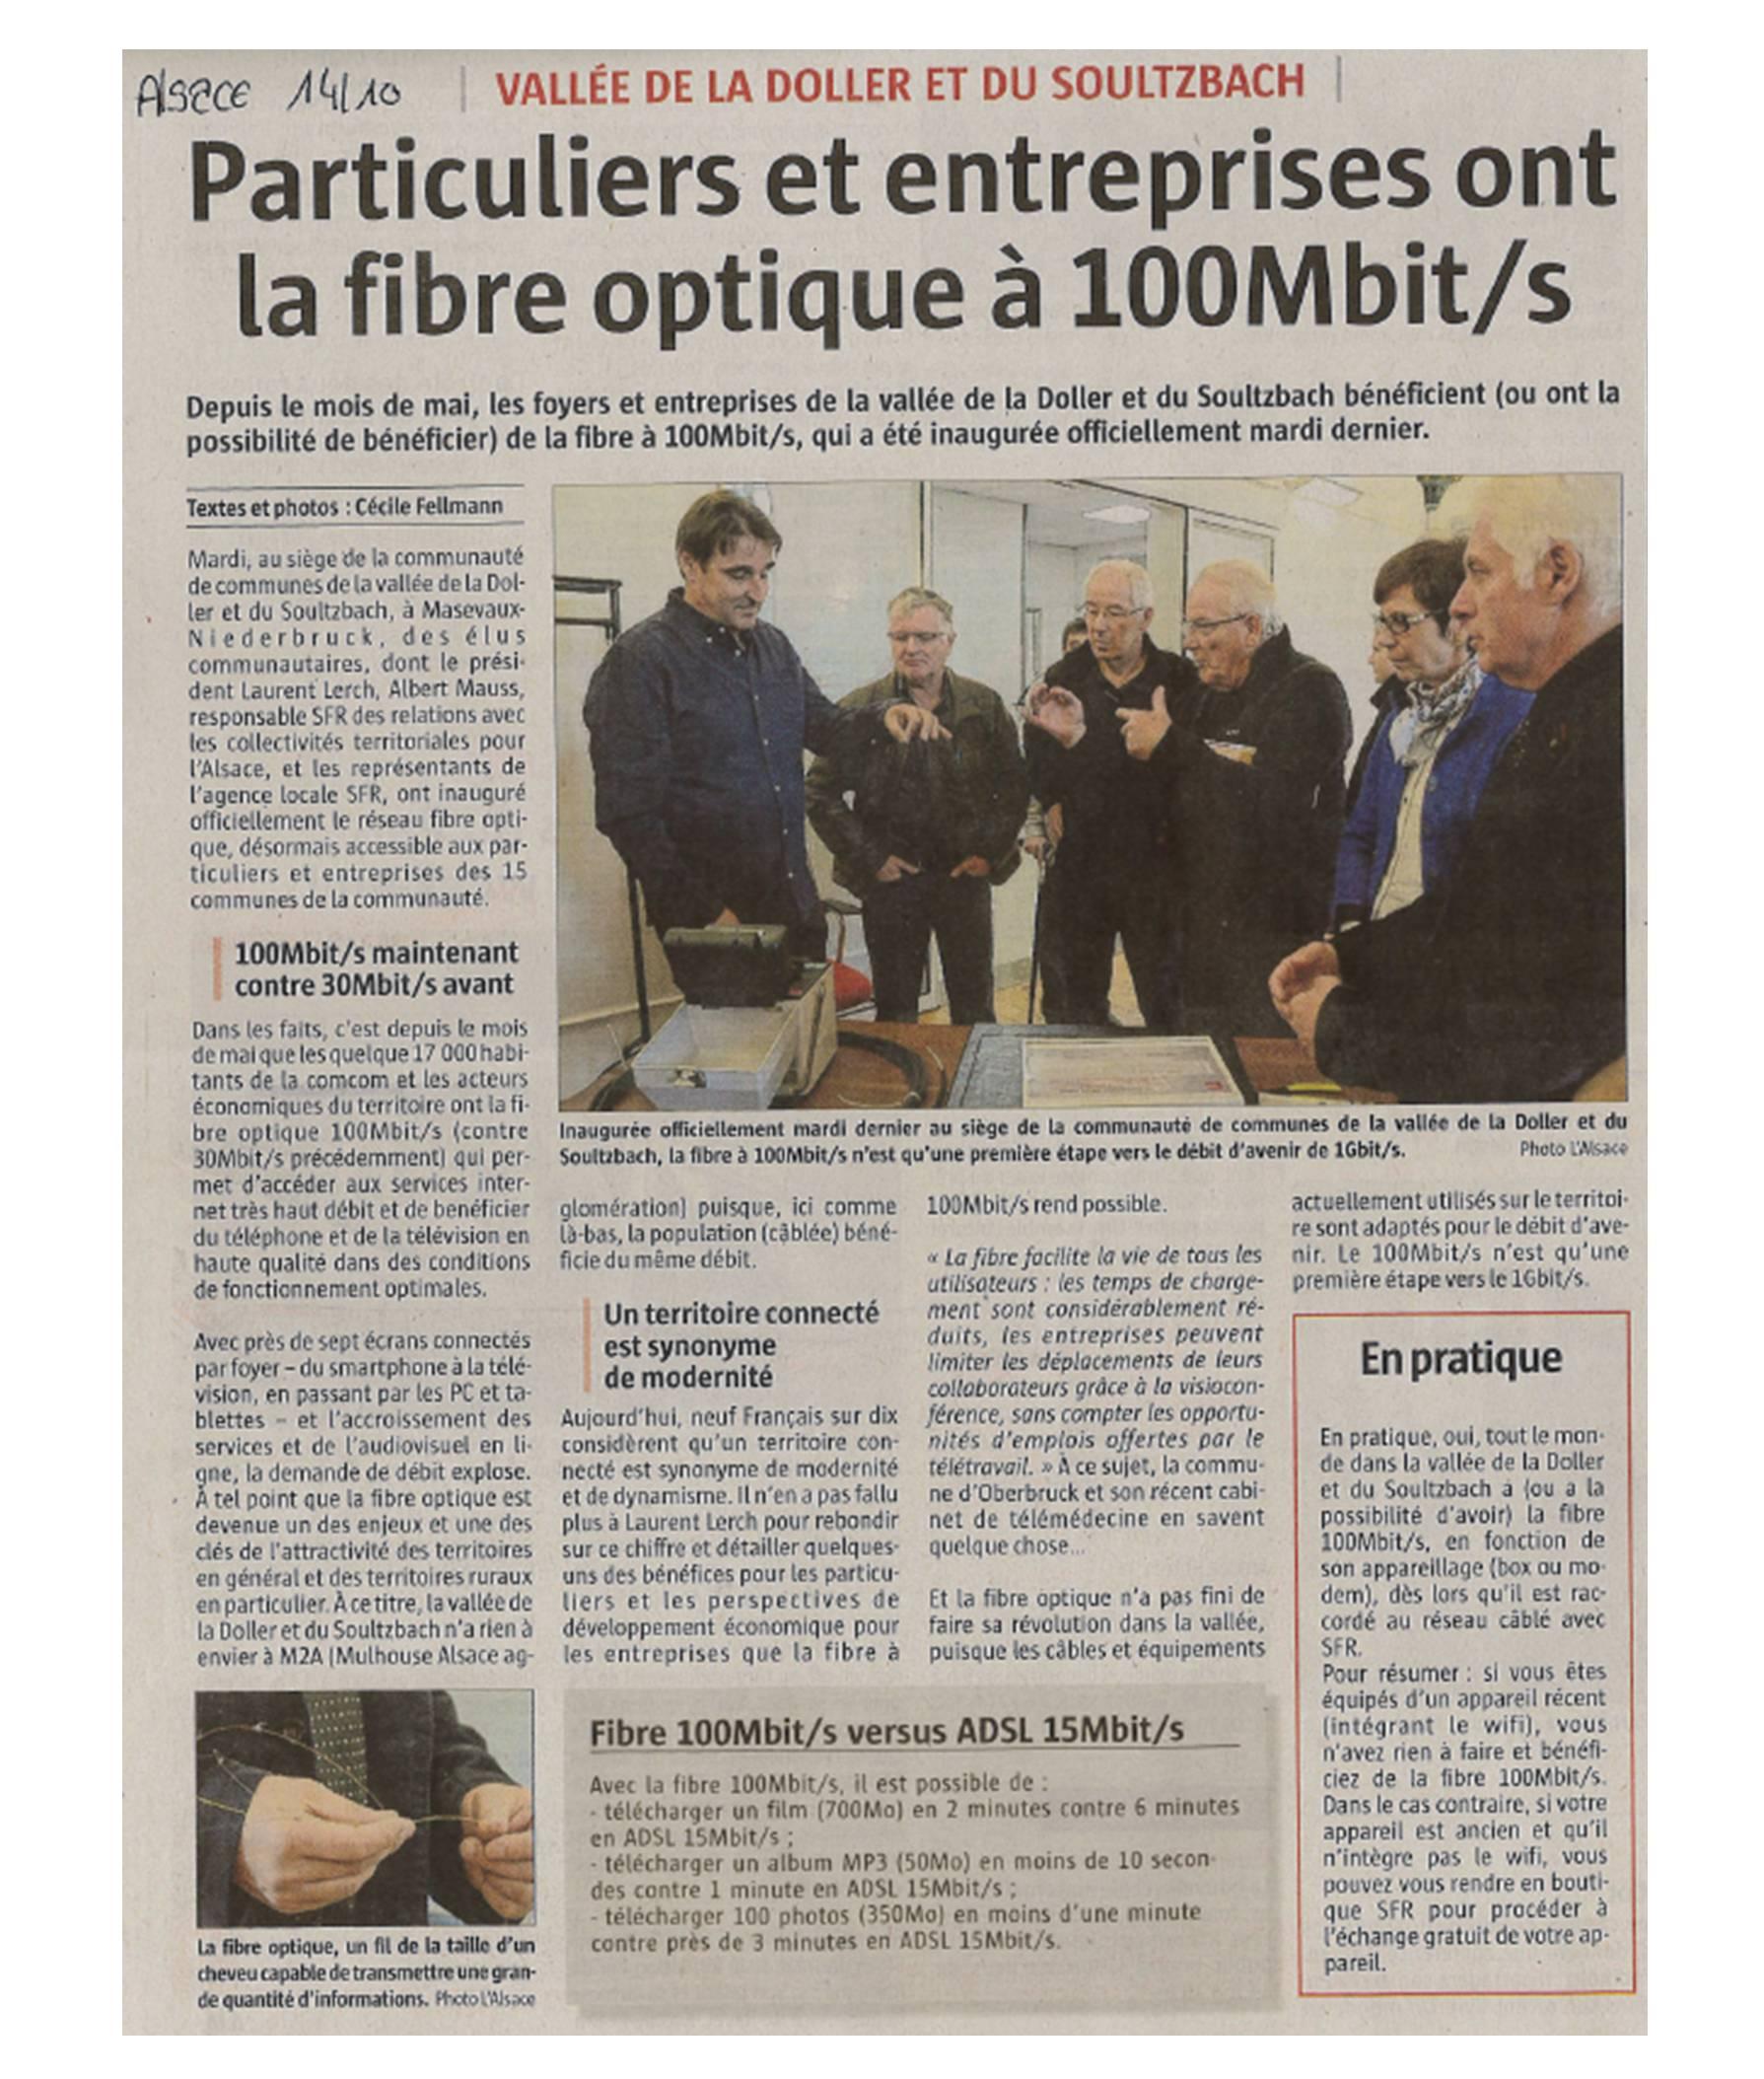 Particuliers et entreprises ont la fibre optique à 100mbits - L'Alsace - 14-10-2016